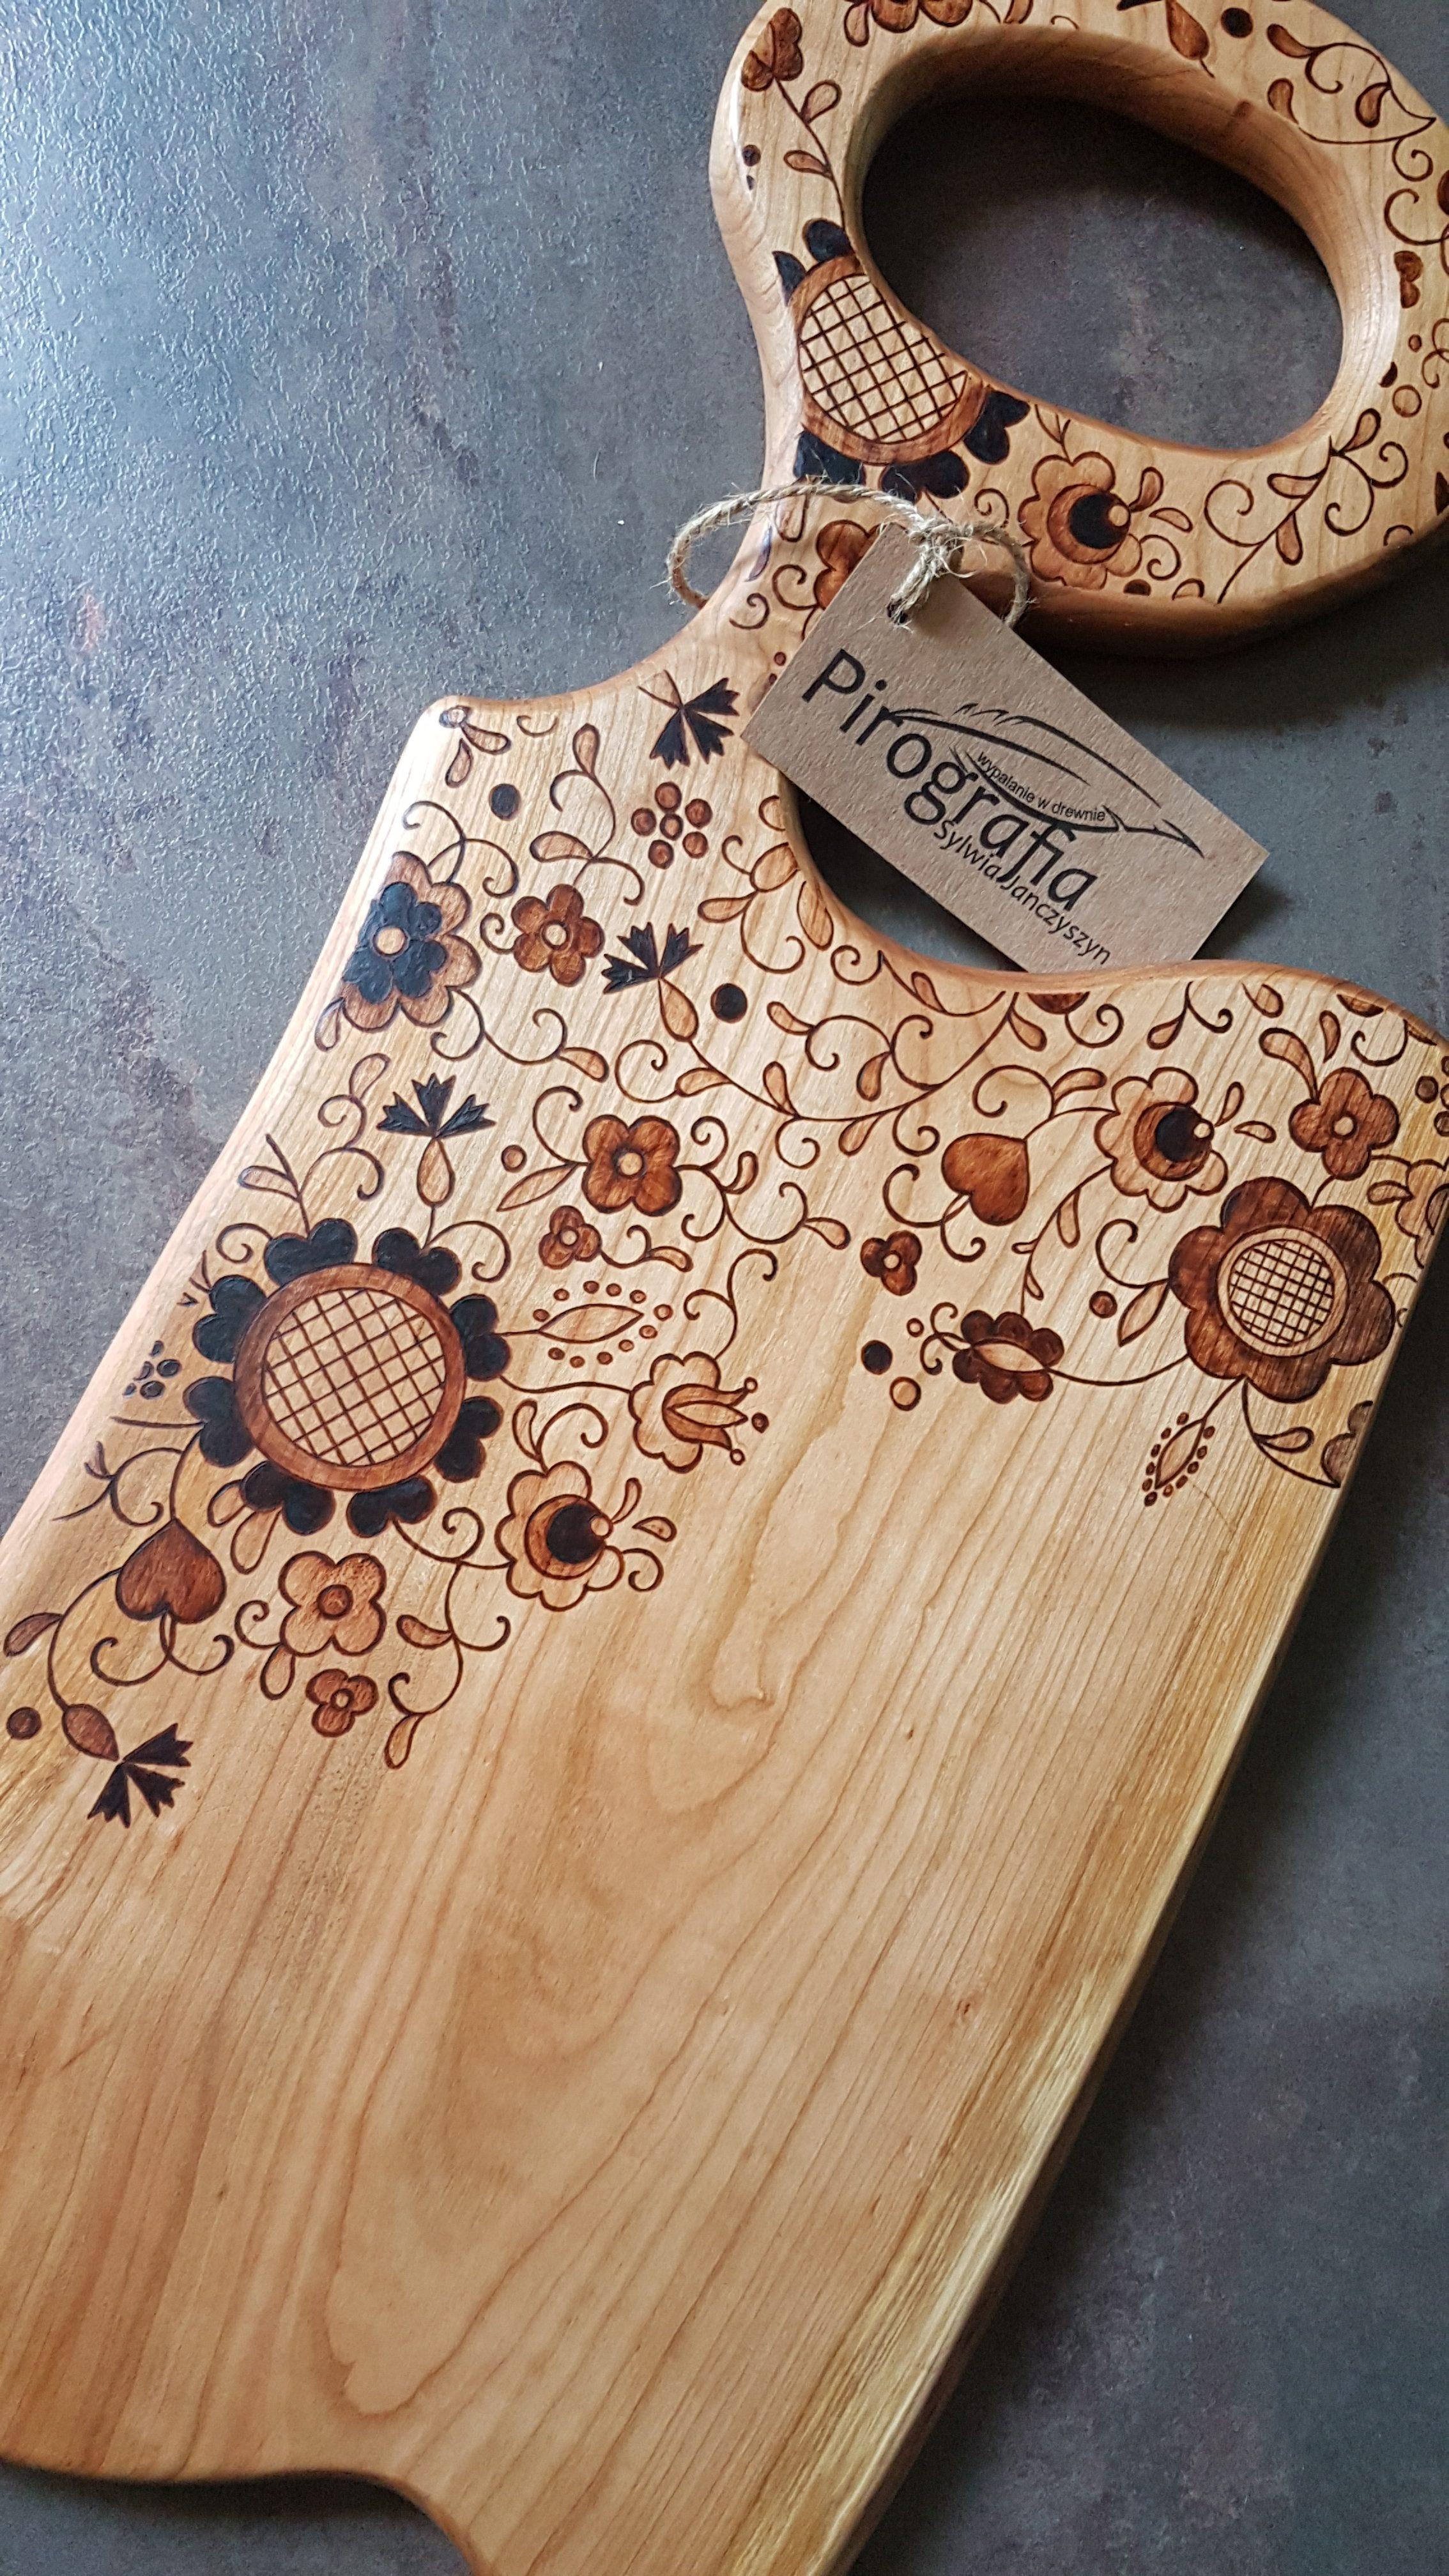 wypalanie w drewnie, sylwia, pirografia, janczyszyn, pyrography, handmade, rękodzieło, pomysł na prezent, deska do serwowania, deska do krojenia, prezent dla kucharza